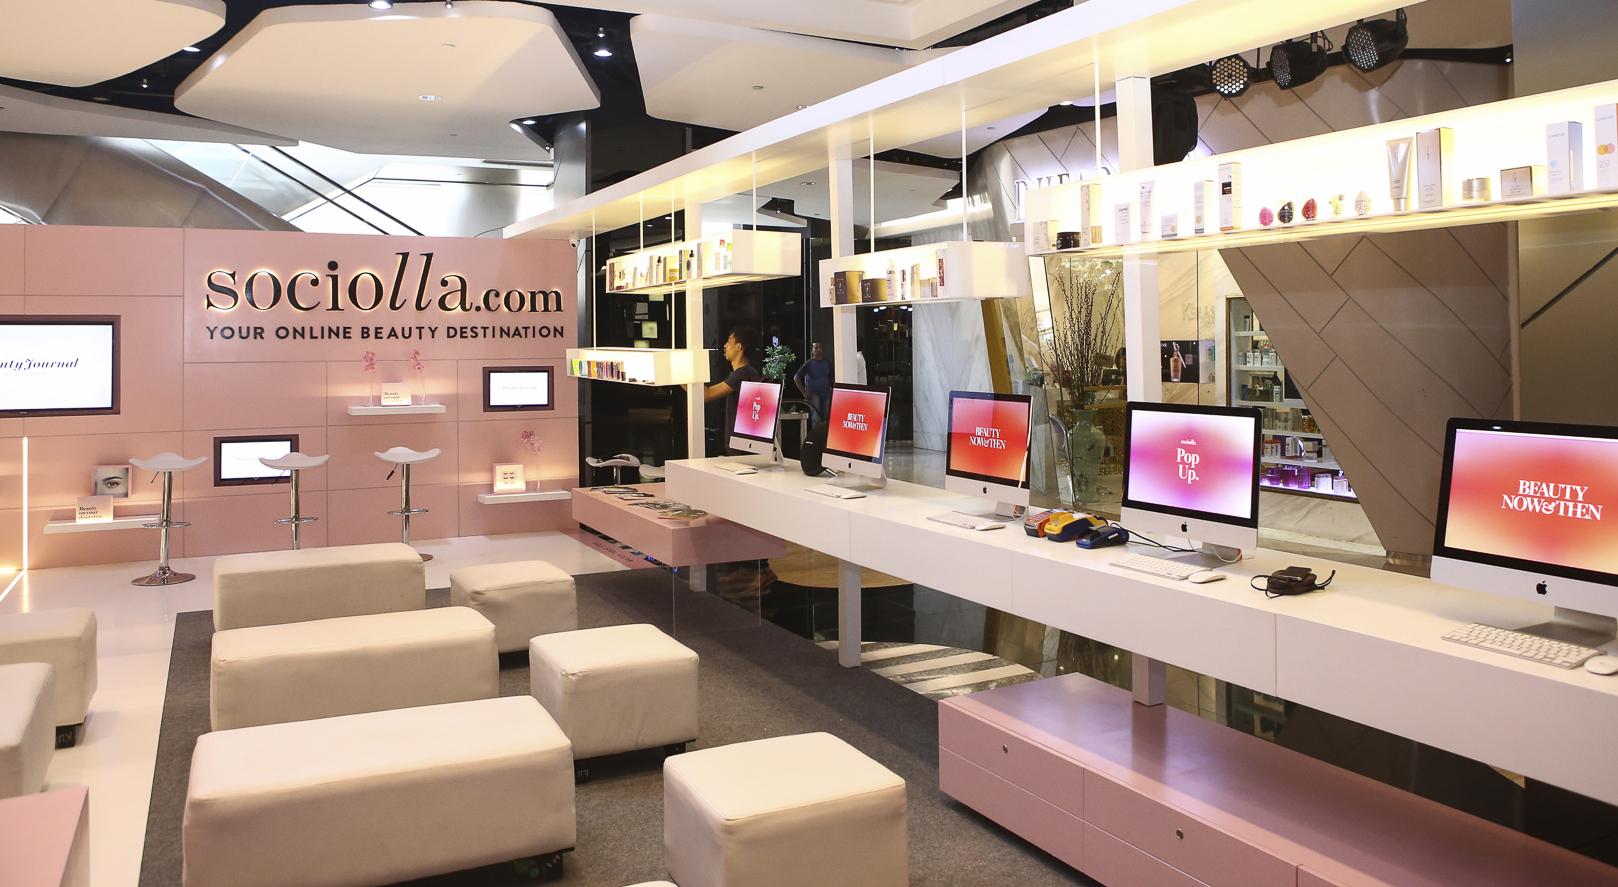 Startup thương mại điện tử Indonesia tấn công thị trường Việt - Ảnh 2.